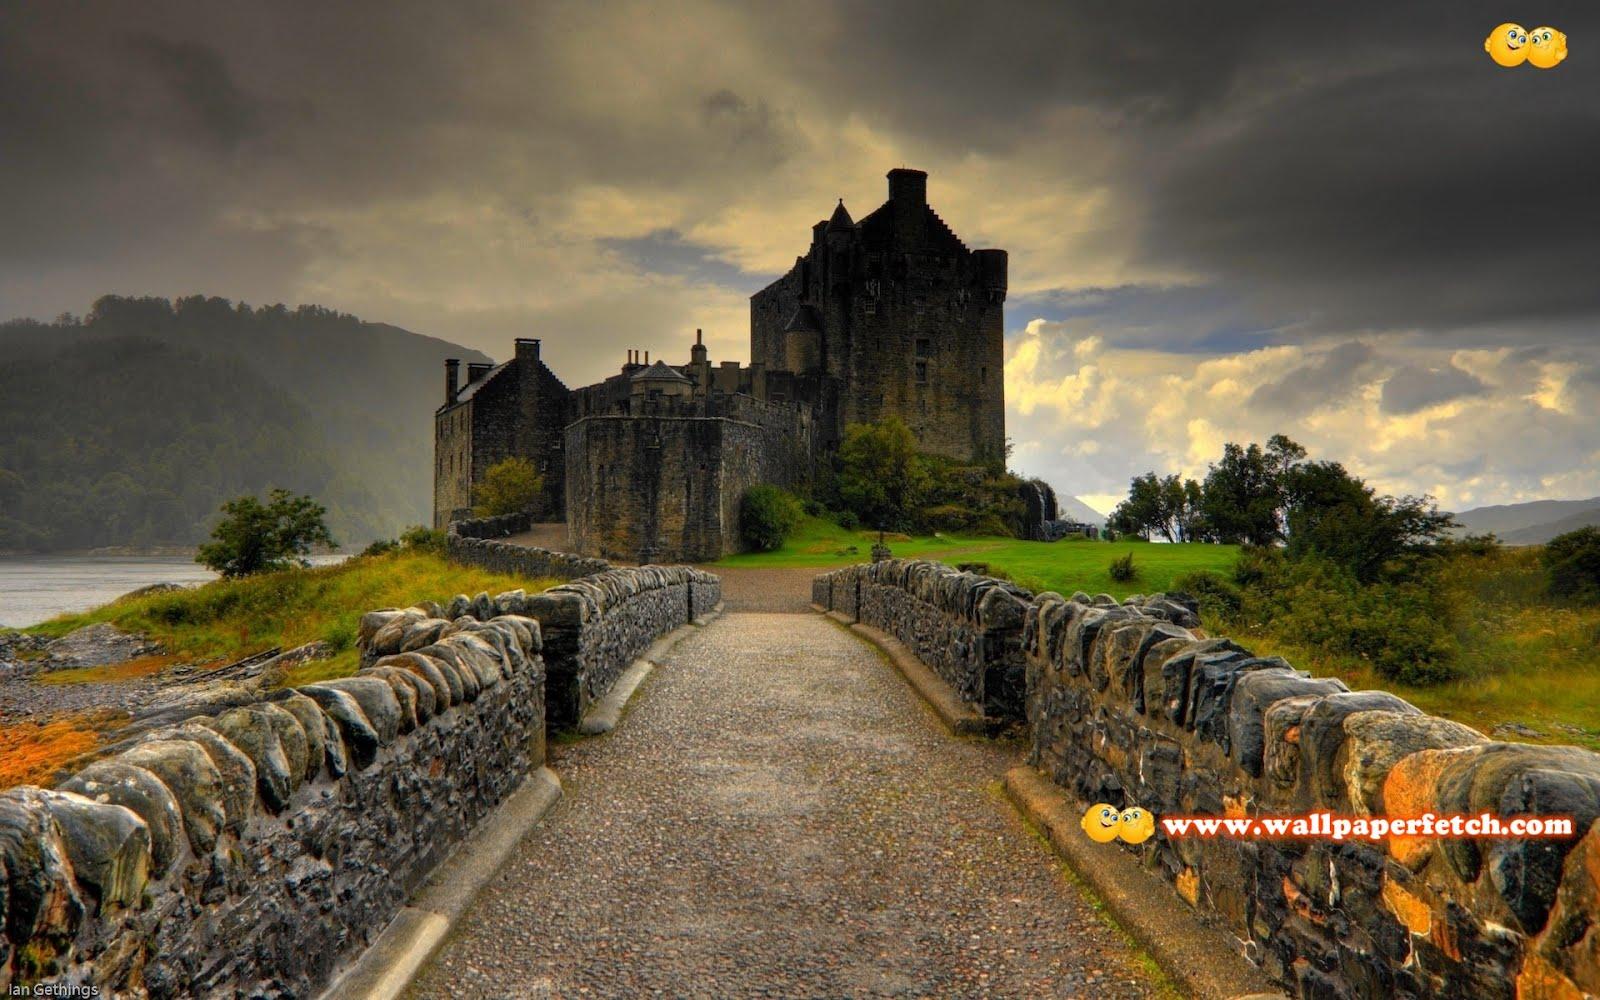 http://4.bp.blogspot.com/-7r4IVuFgyus/T1oJHsuJgYI/AAAAAAAABM8/-59YLkgDDE8/s1600/eilean-donan-castle-8625-1920x1200.jpg